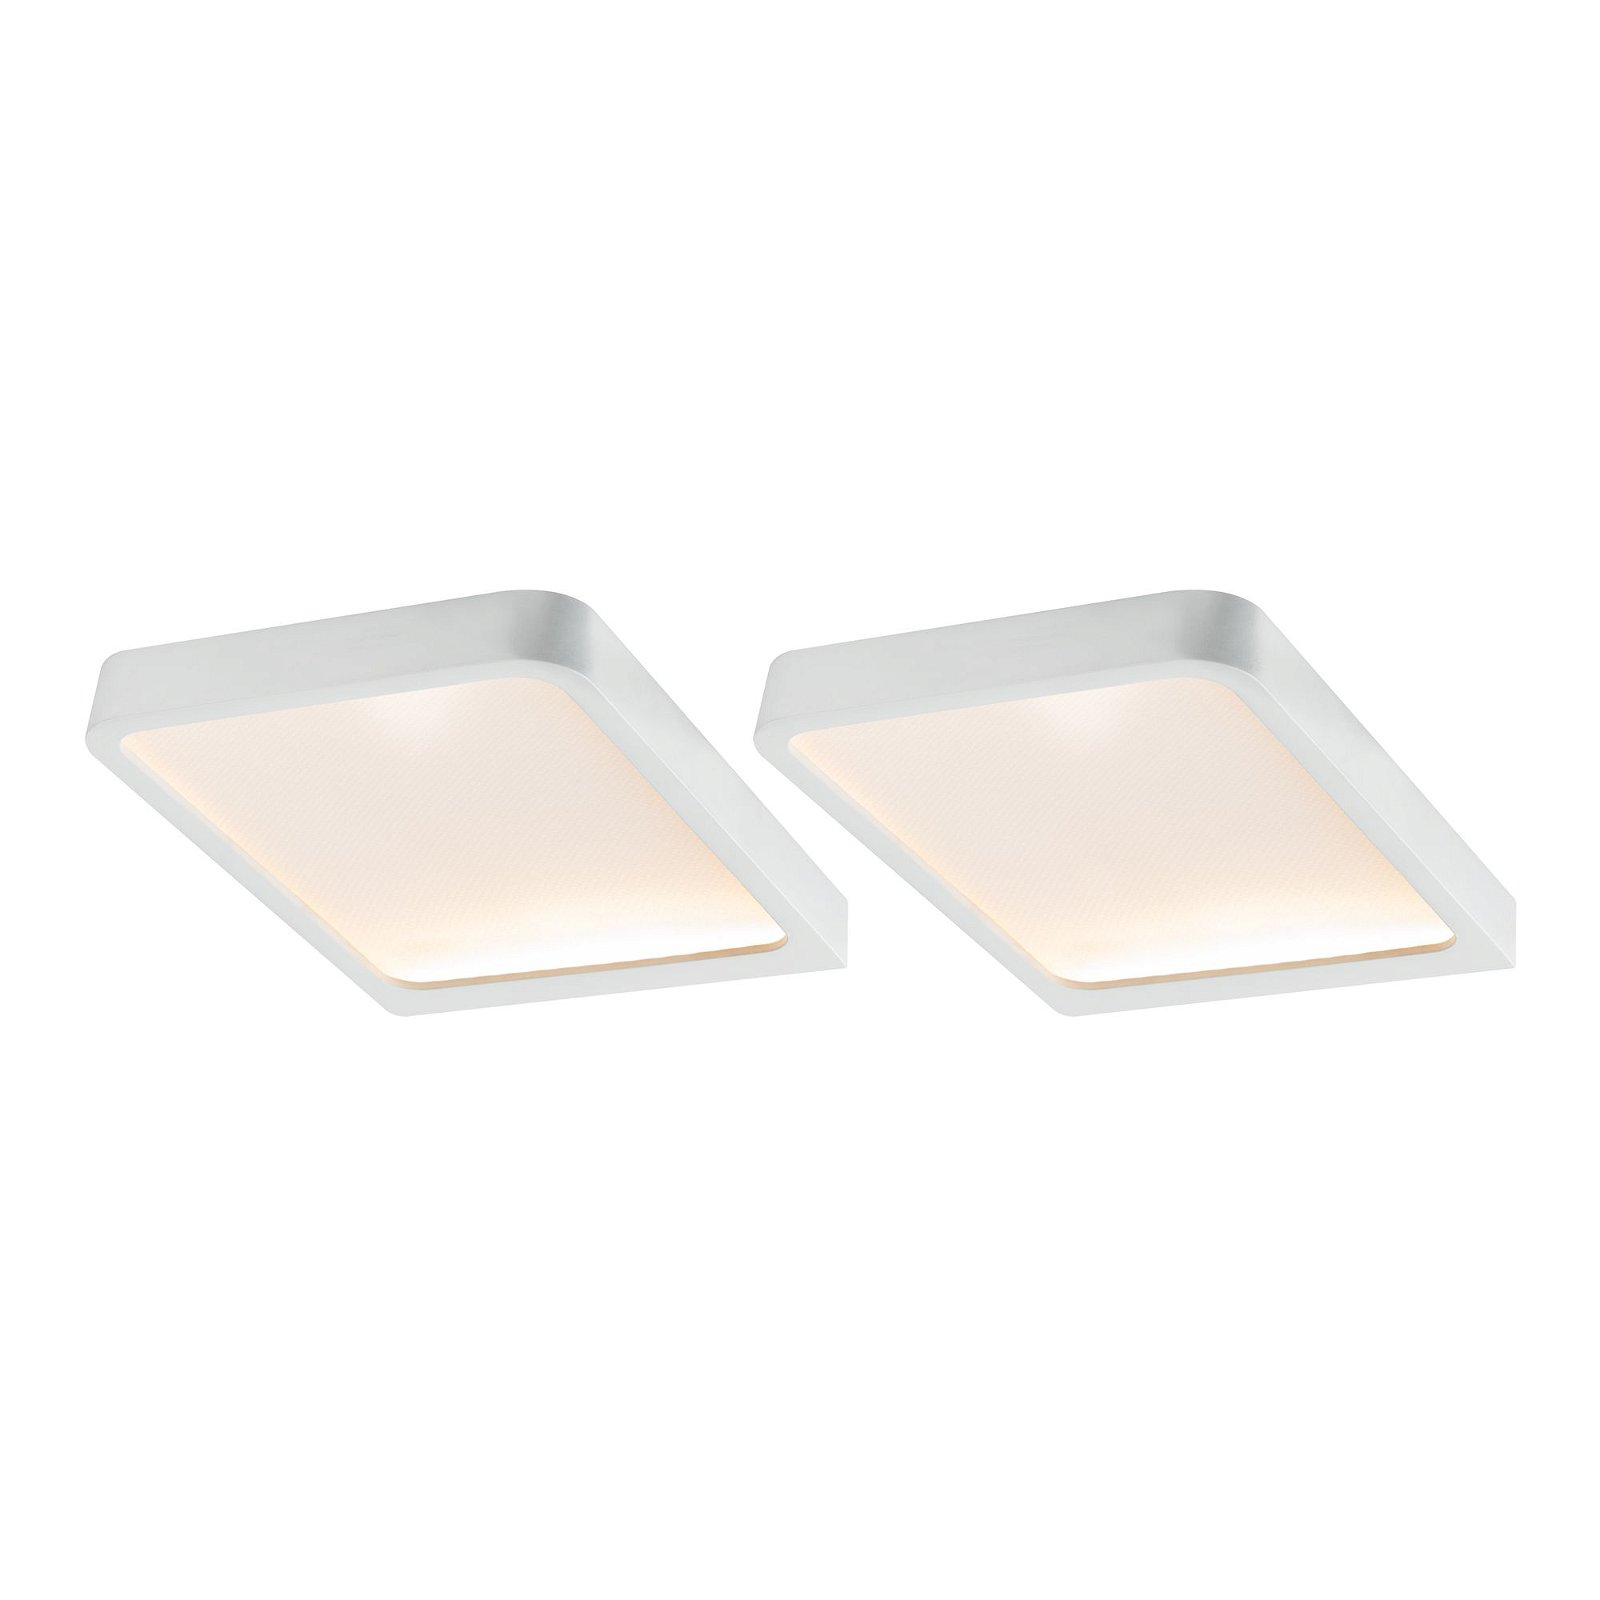 LED Unterschrankleuchte Vane 2x6,7W 105x140mm 2x450lm 230/12V eckig Weiß matt